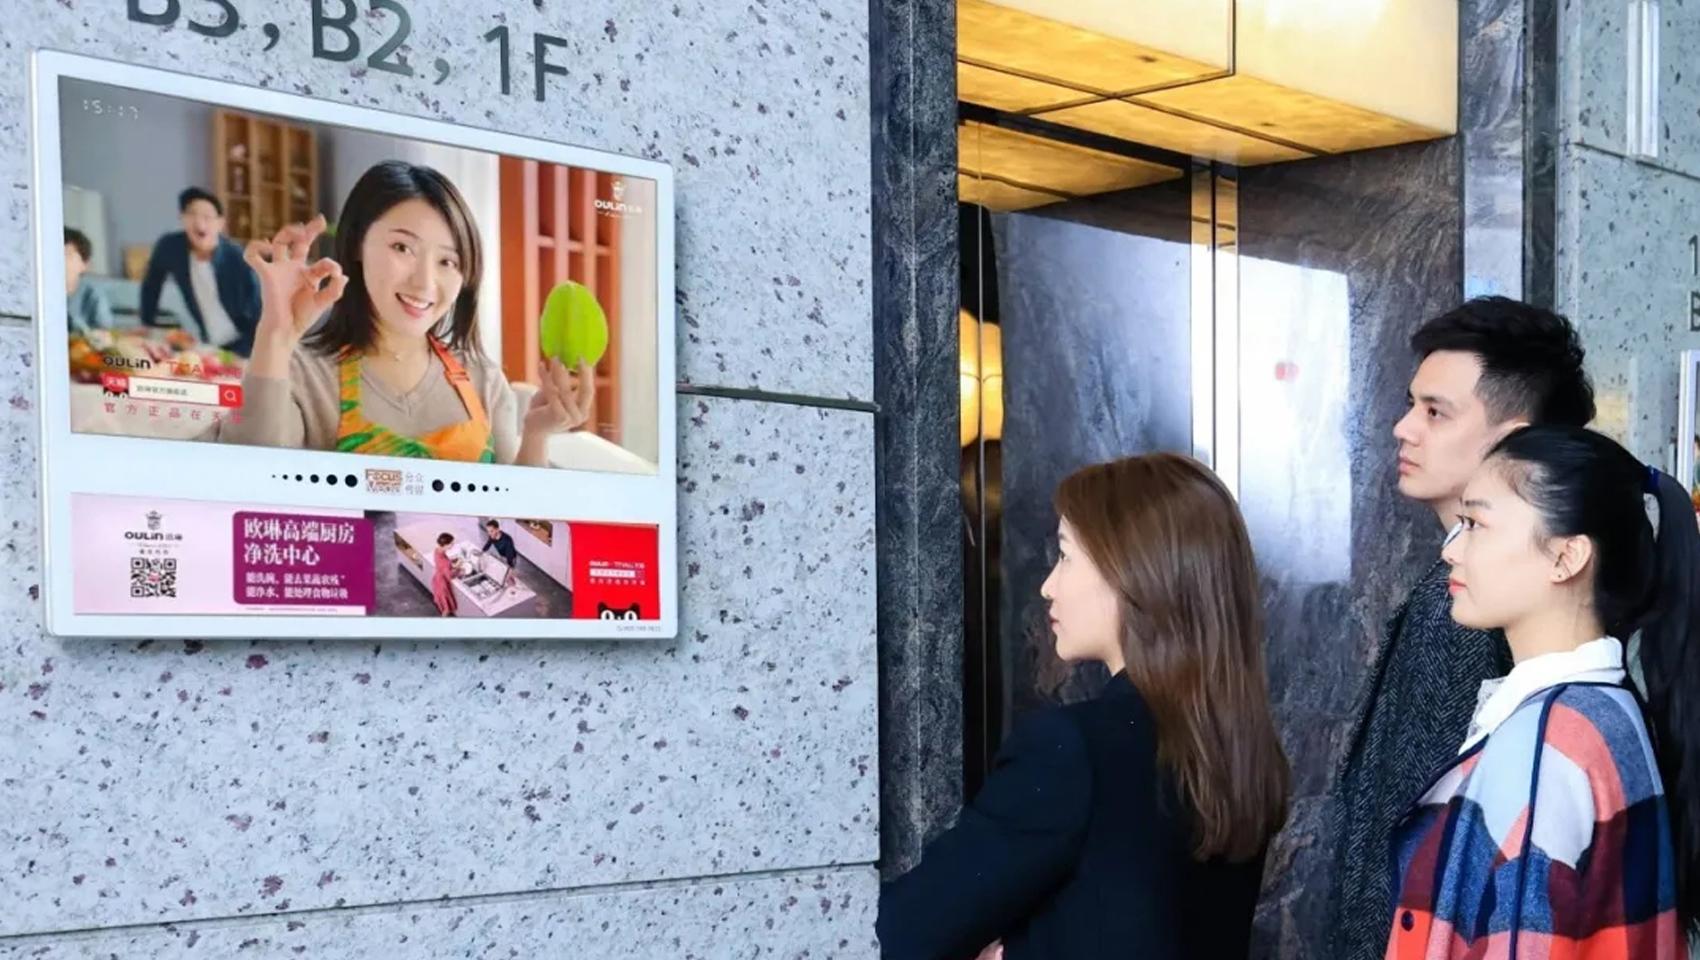 廚電企業如何抓取年輕圈層?分眾傳媒江南春:打造差異化品牌價值